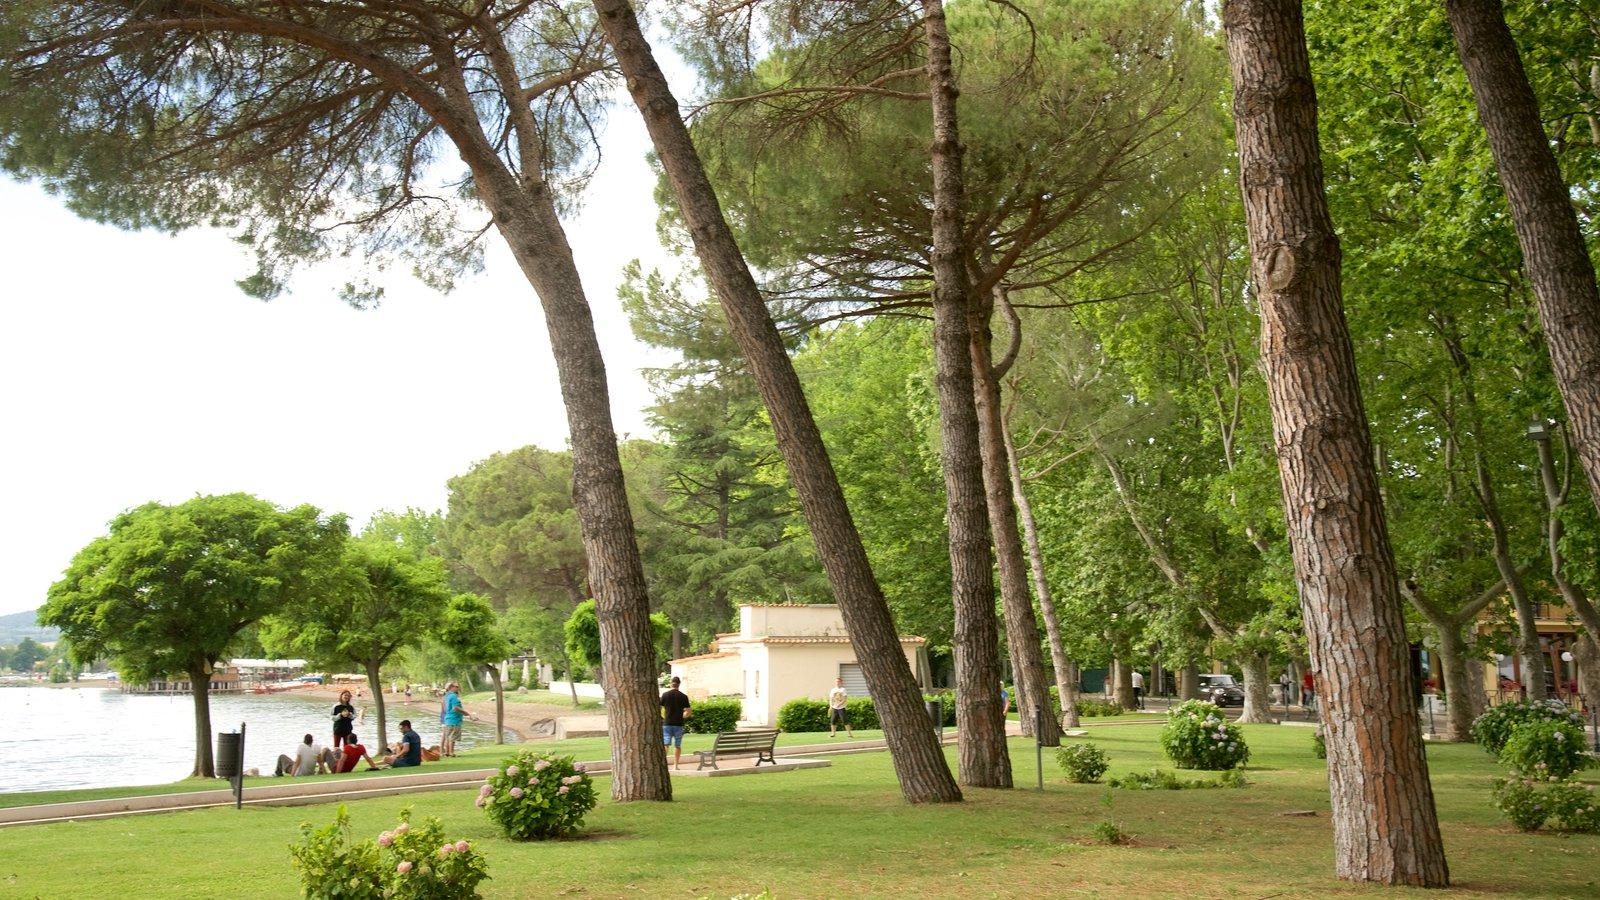 Lake Bolsena which includes a garden